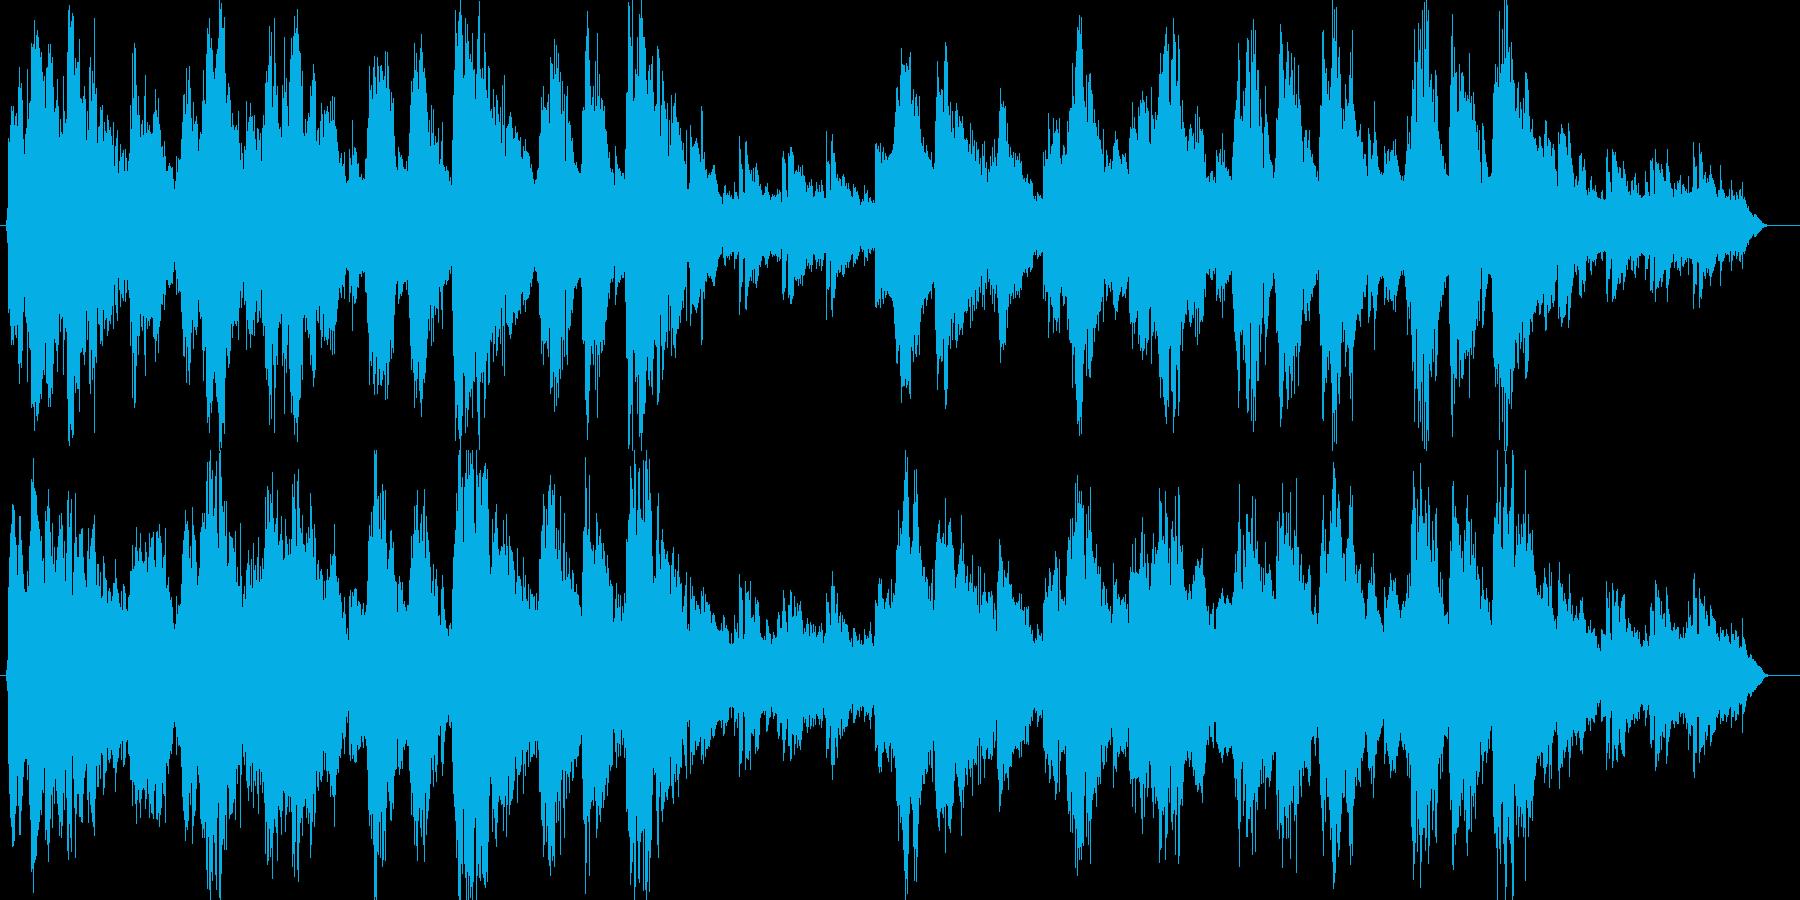 ゆったりと時が流れていくメロディーの再生済みの波形